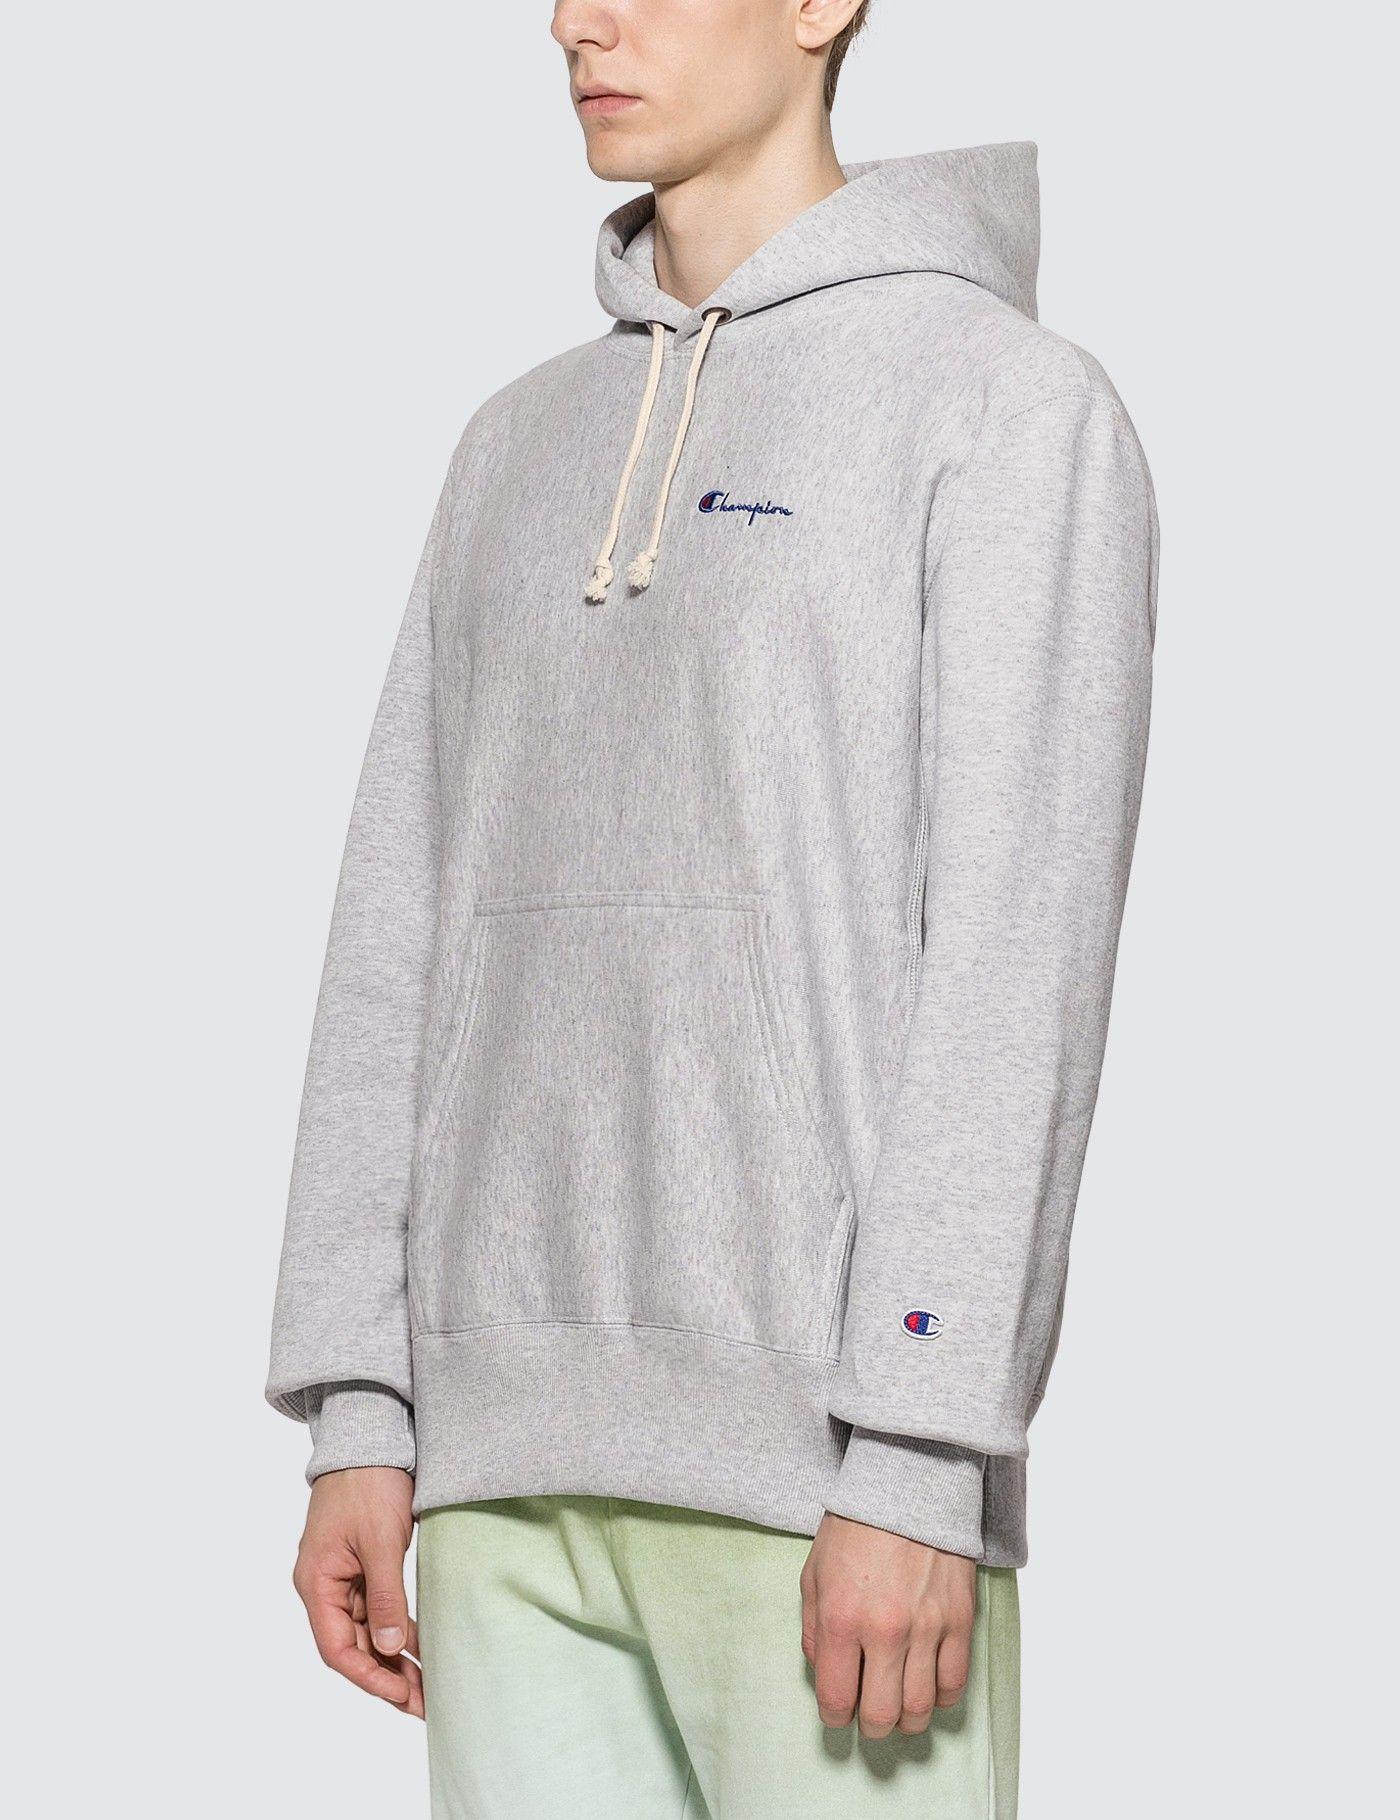 Champion Reverse Weave Small Script Hooded Sweatshirt Hbx Hooded Sweatshirts Sweatshirts Champion Reverse Weave [ 1820 x 1400 Pixel ]